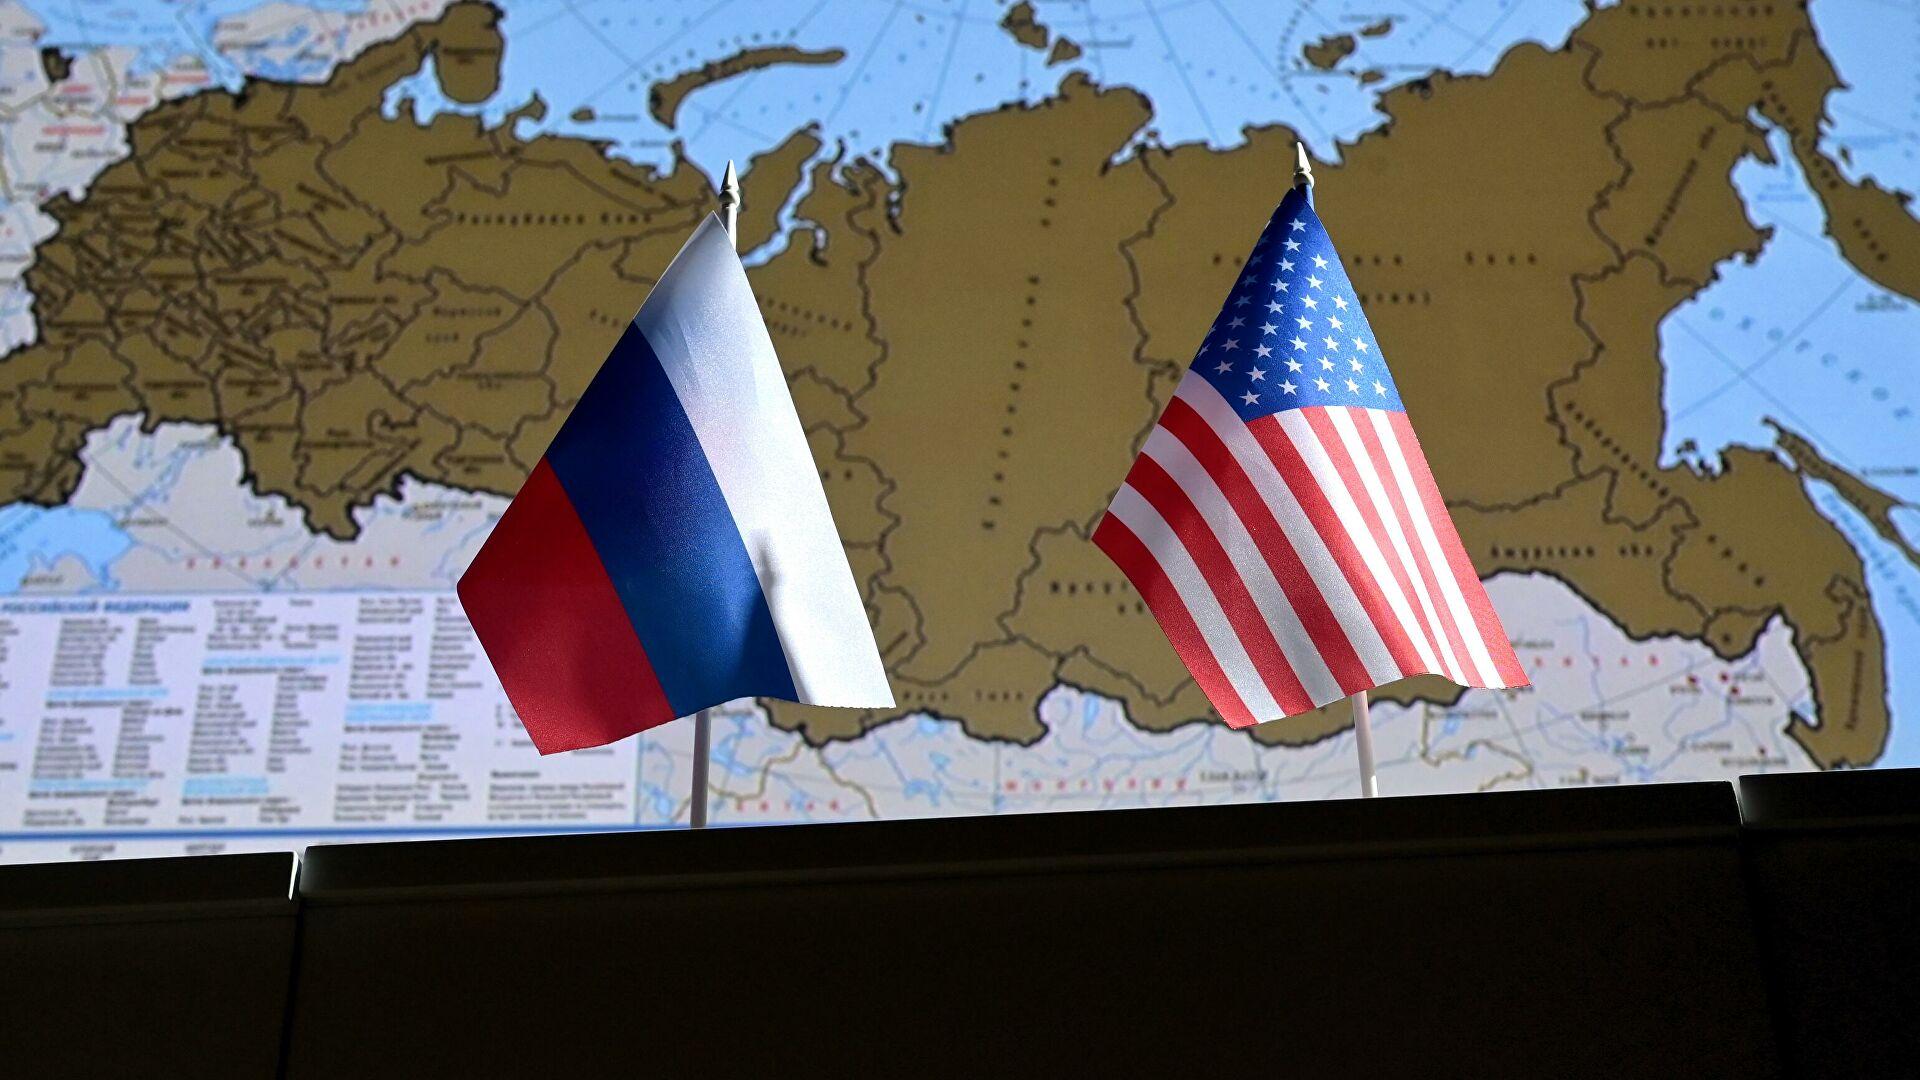 Џабаров: Одговорићемо реципрочно ако САД протерају наше дипломате